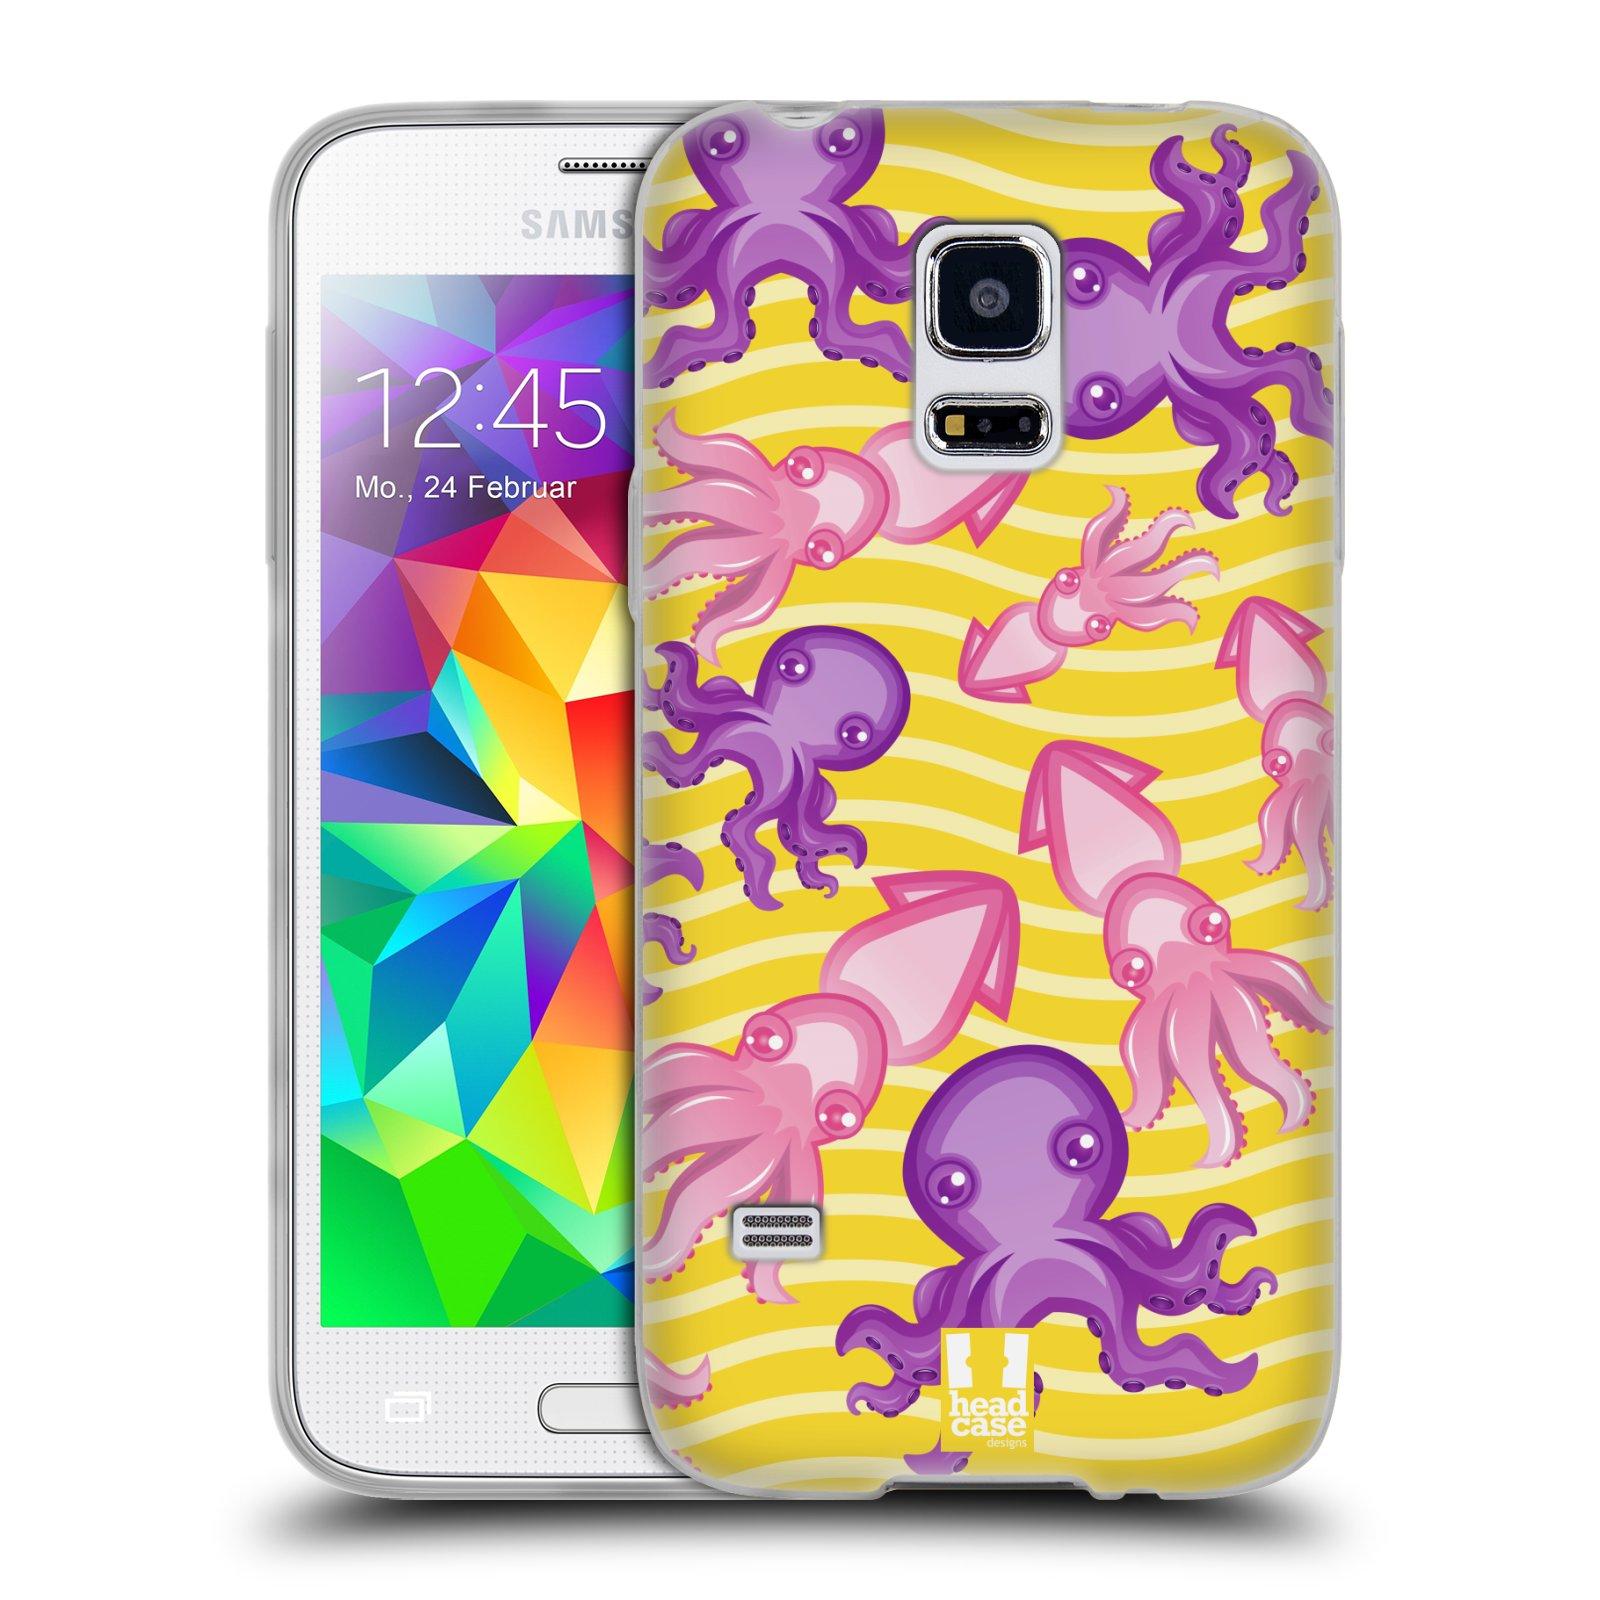 HEAD CASE silikonový obal na mobil Samsung Galaxy S5 MINI vzor mořský živočich chobotnice